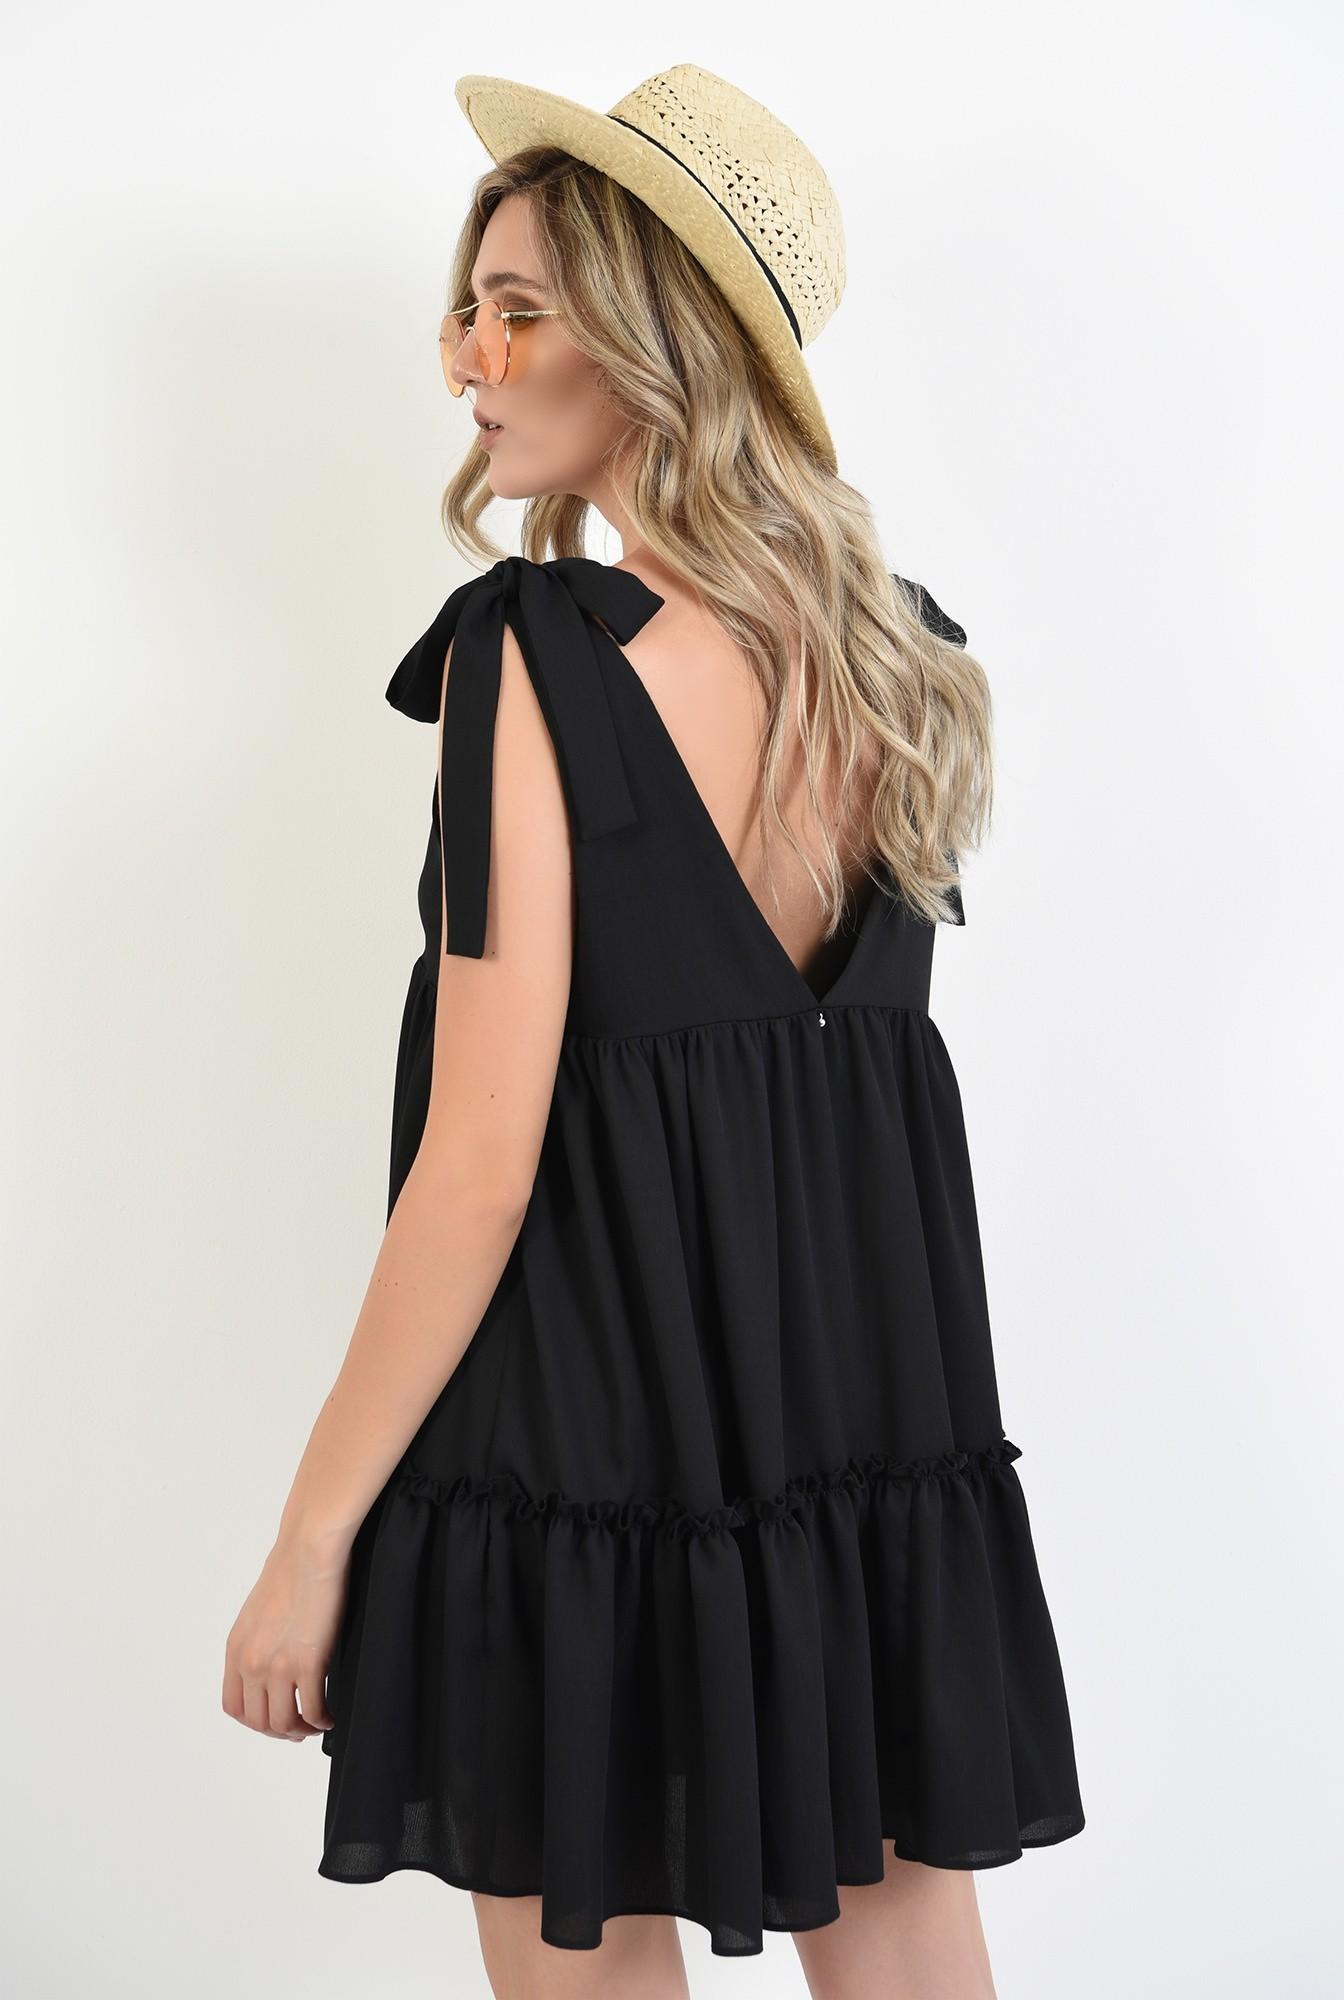 1 - 360 - rochie scurta, larga, neagra, cu funde, Poema